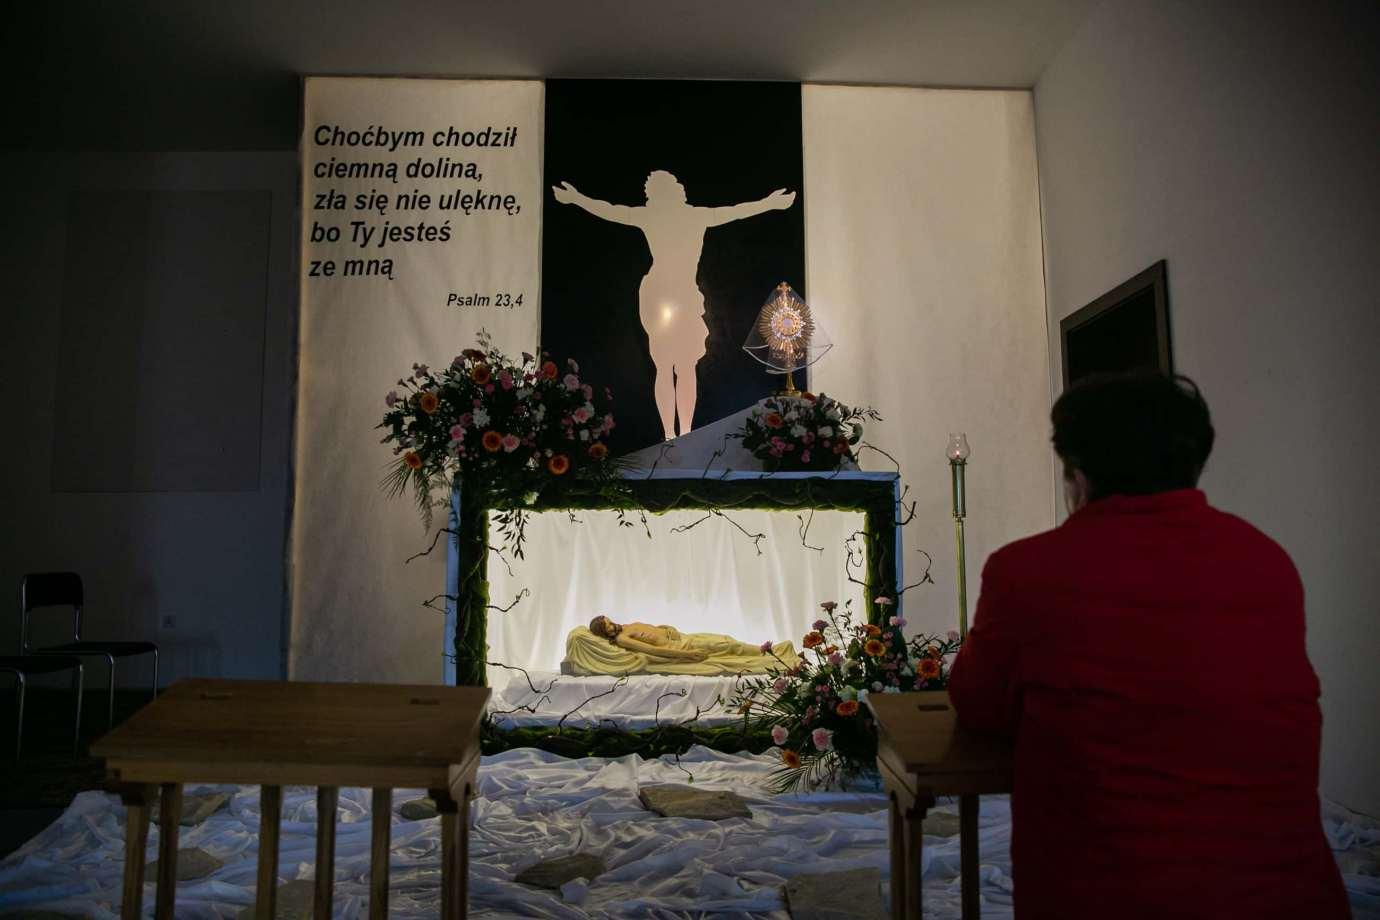 parafia pw swietej bozej opatrznosci w zamosciu 5 Zdjęcia grobów pańskich w zamojskich świątyniach